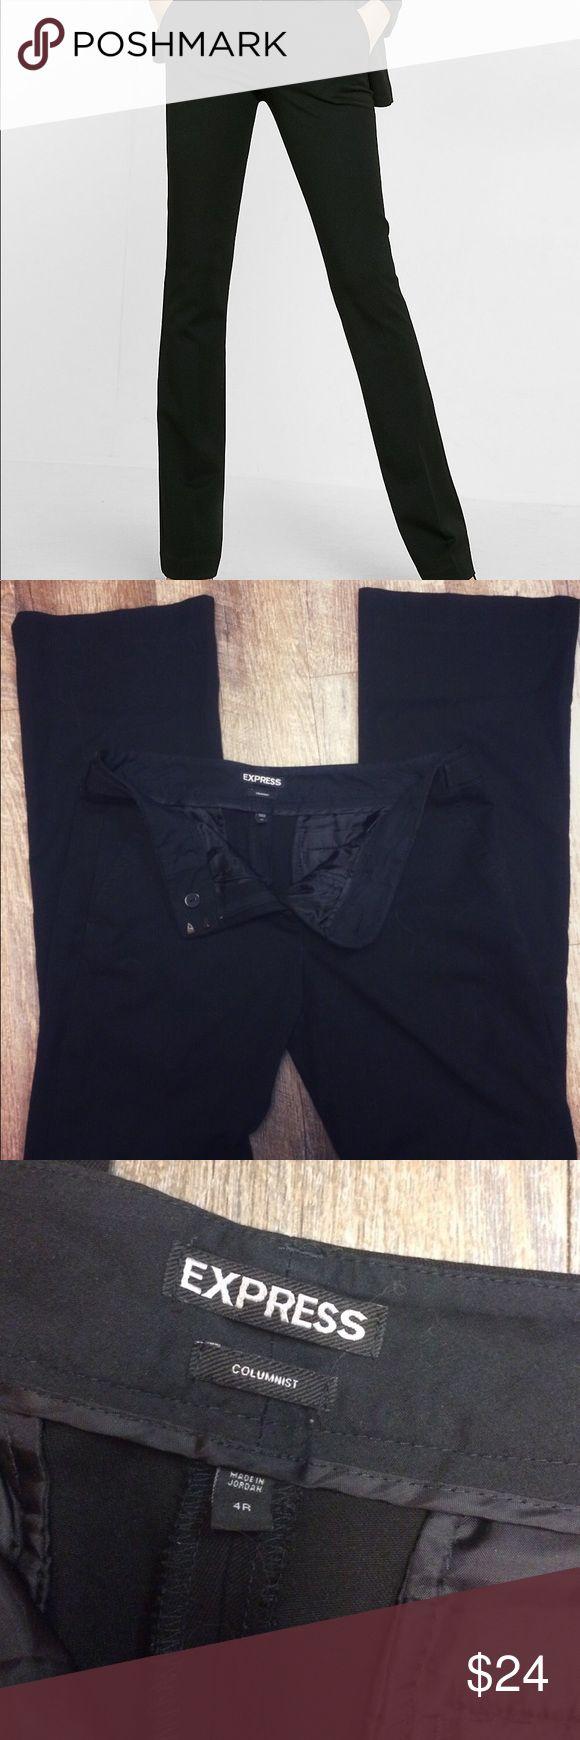 """Express Columnist Pants Excellent condition black Express Columnist Pants in size 4r  31"""" inseam Express Pants"""